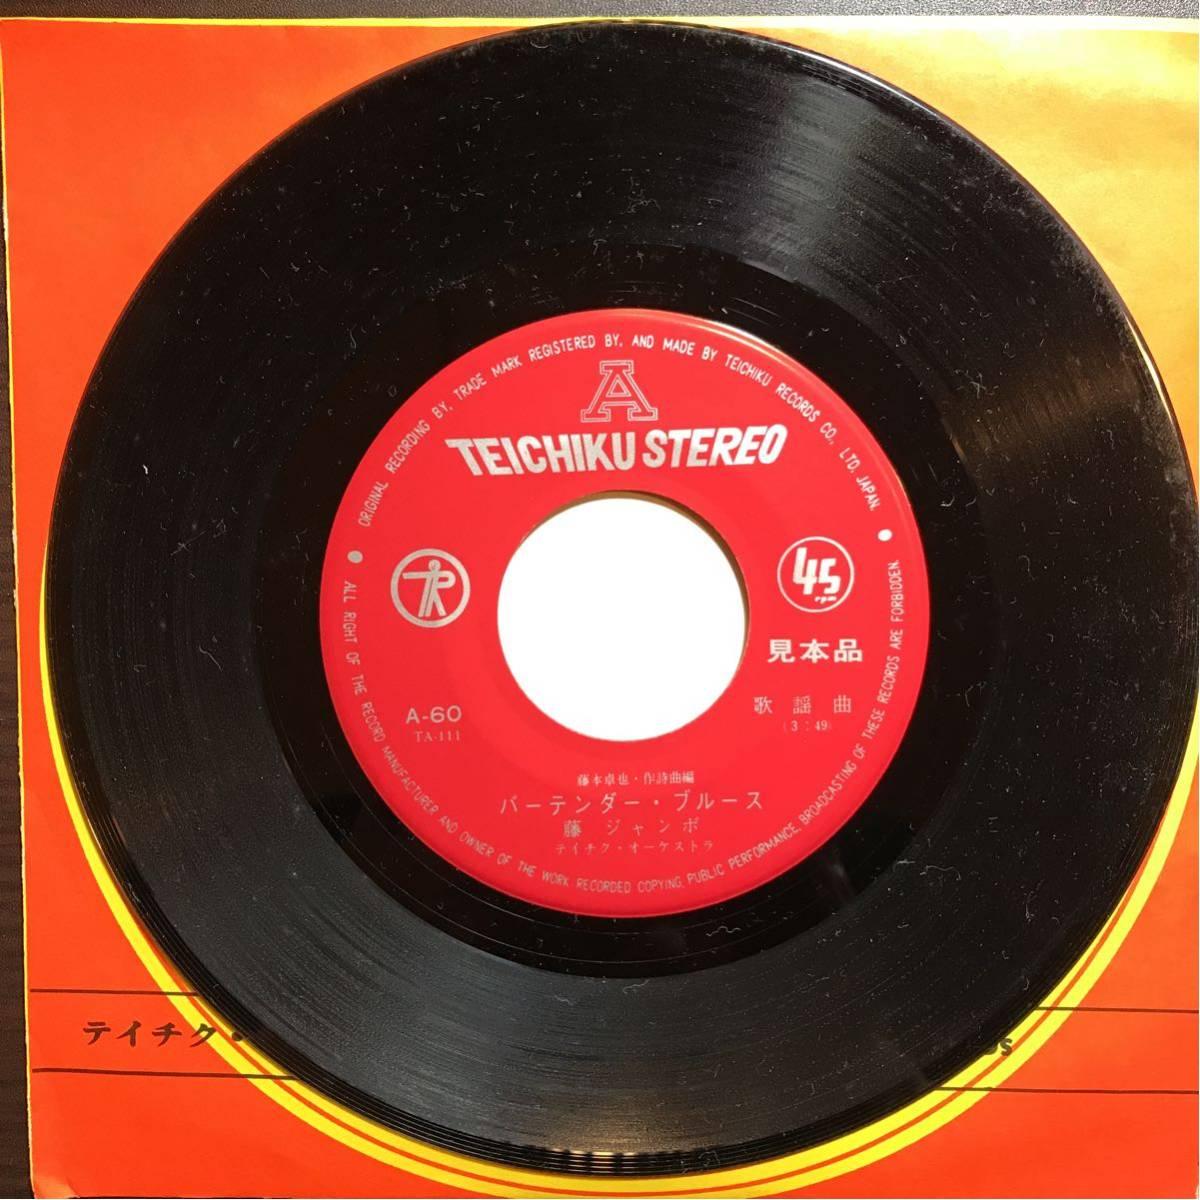 藤ジャンボ バーテンダー・ブルース EPレコード テイチクレコード貴重な見本品_画像3